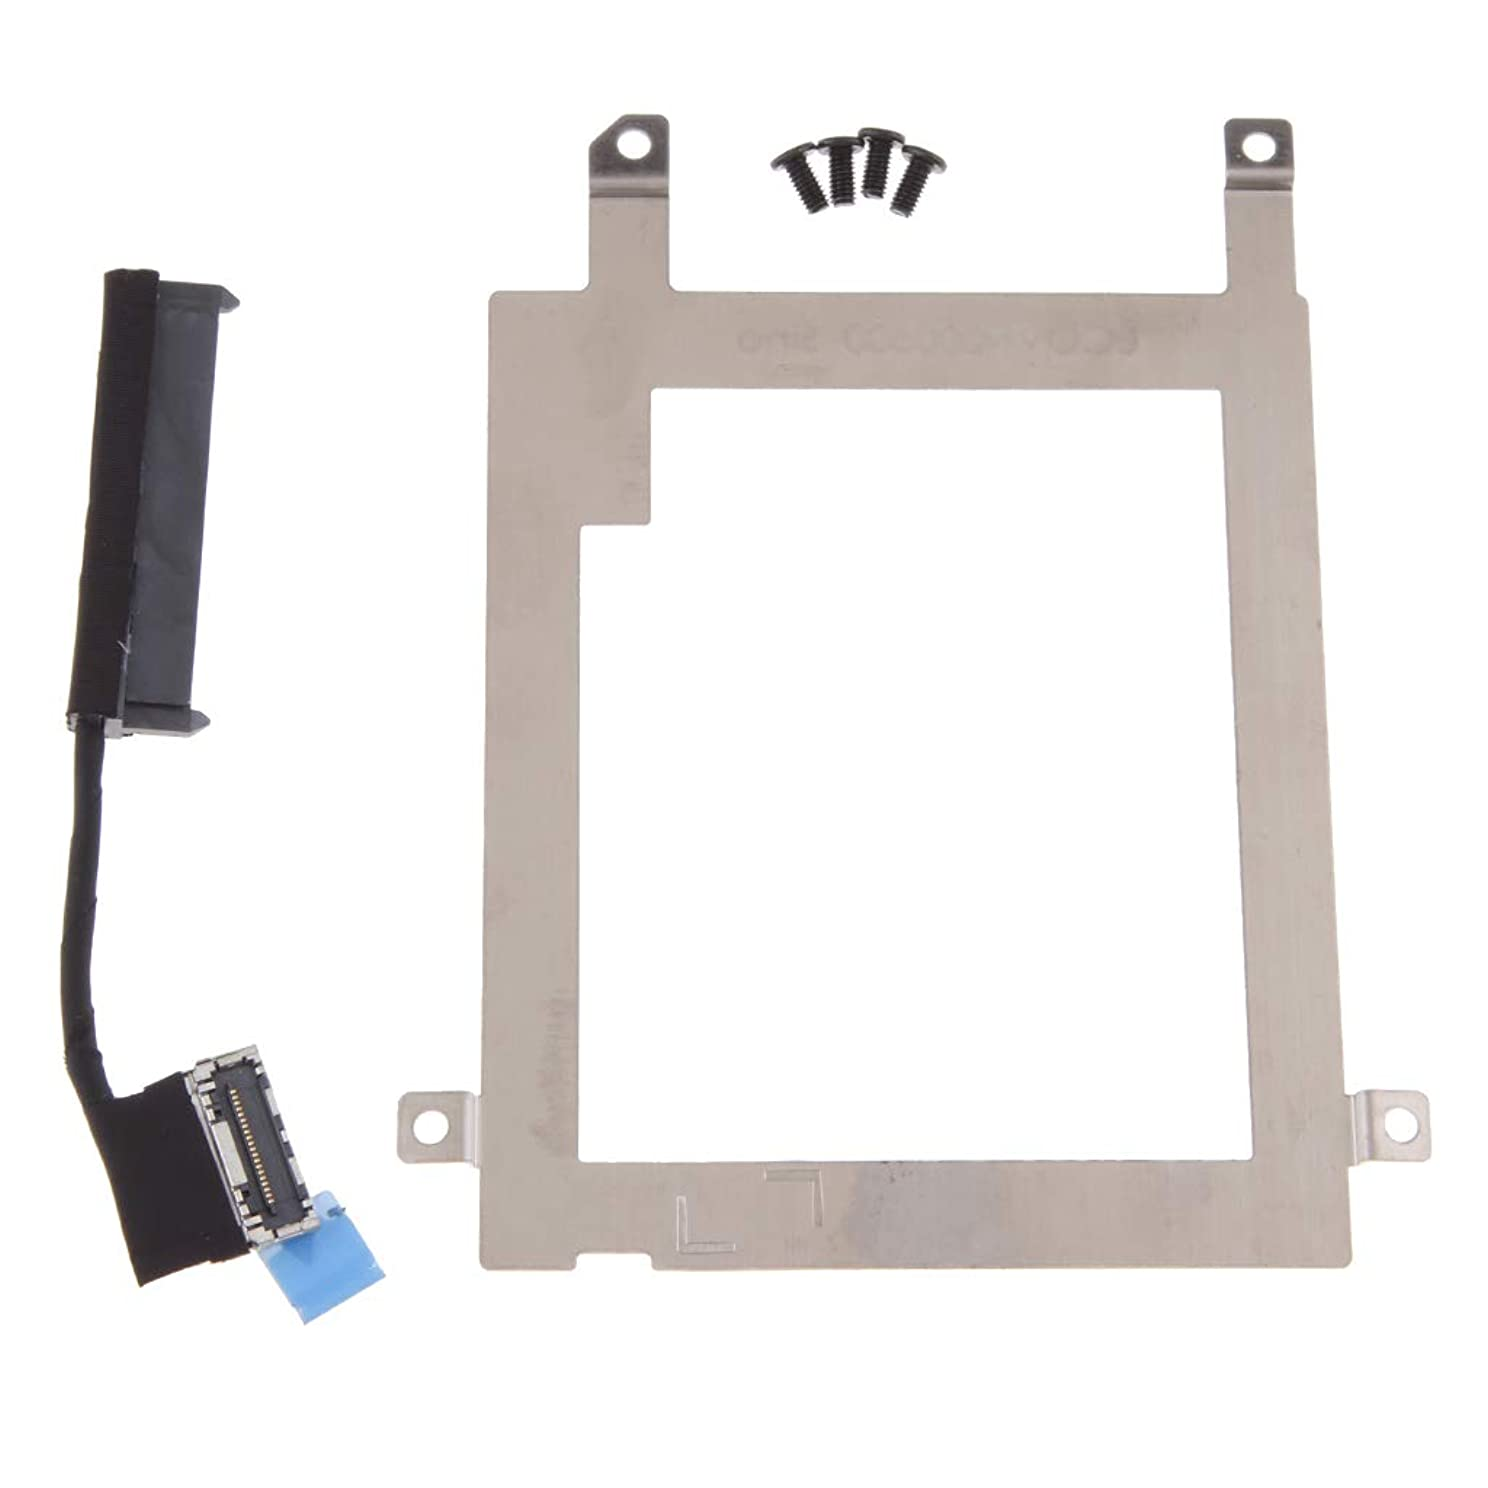 マニュアル交換についてFlameer 交換用SATA HDDハードドライブキャディ コネクター付き DELL Latitude 7450 E7450シリーズ用 (ネジ4本付属)